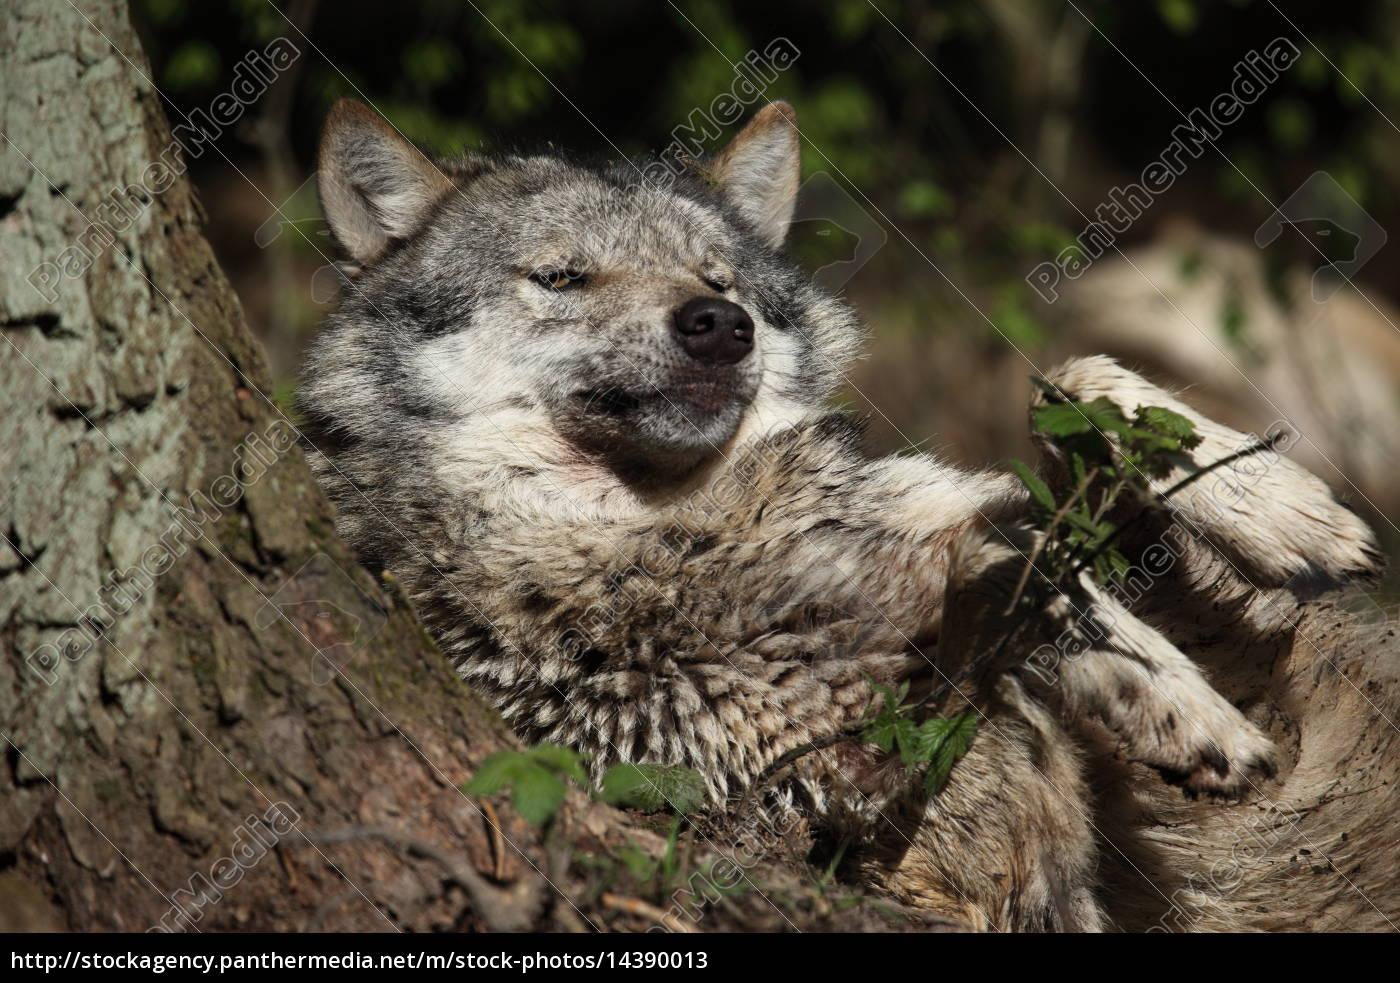 Eurasischer Wolf im Wald - Stockfoto - #14390013 - Bildagentur ...